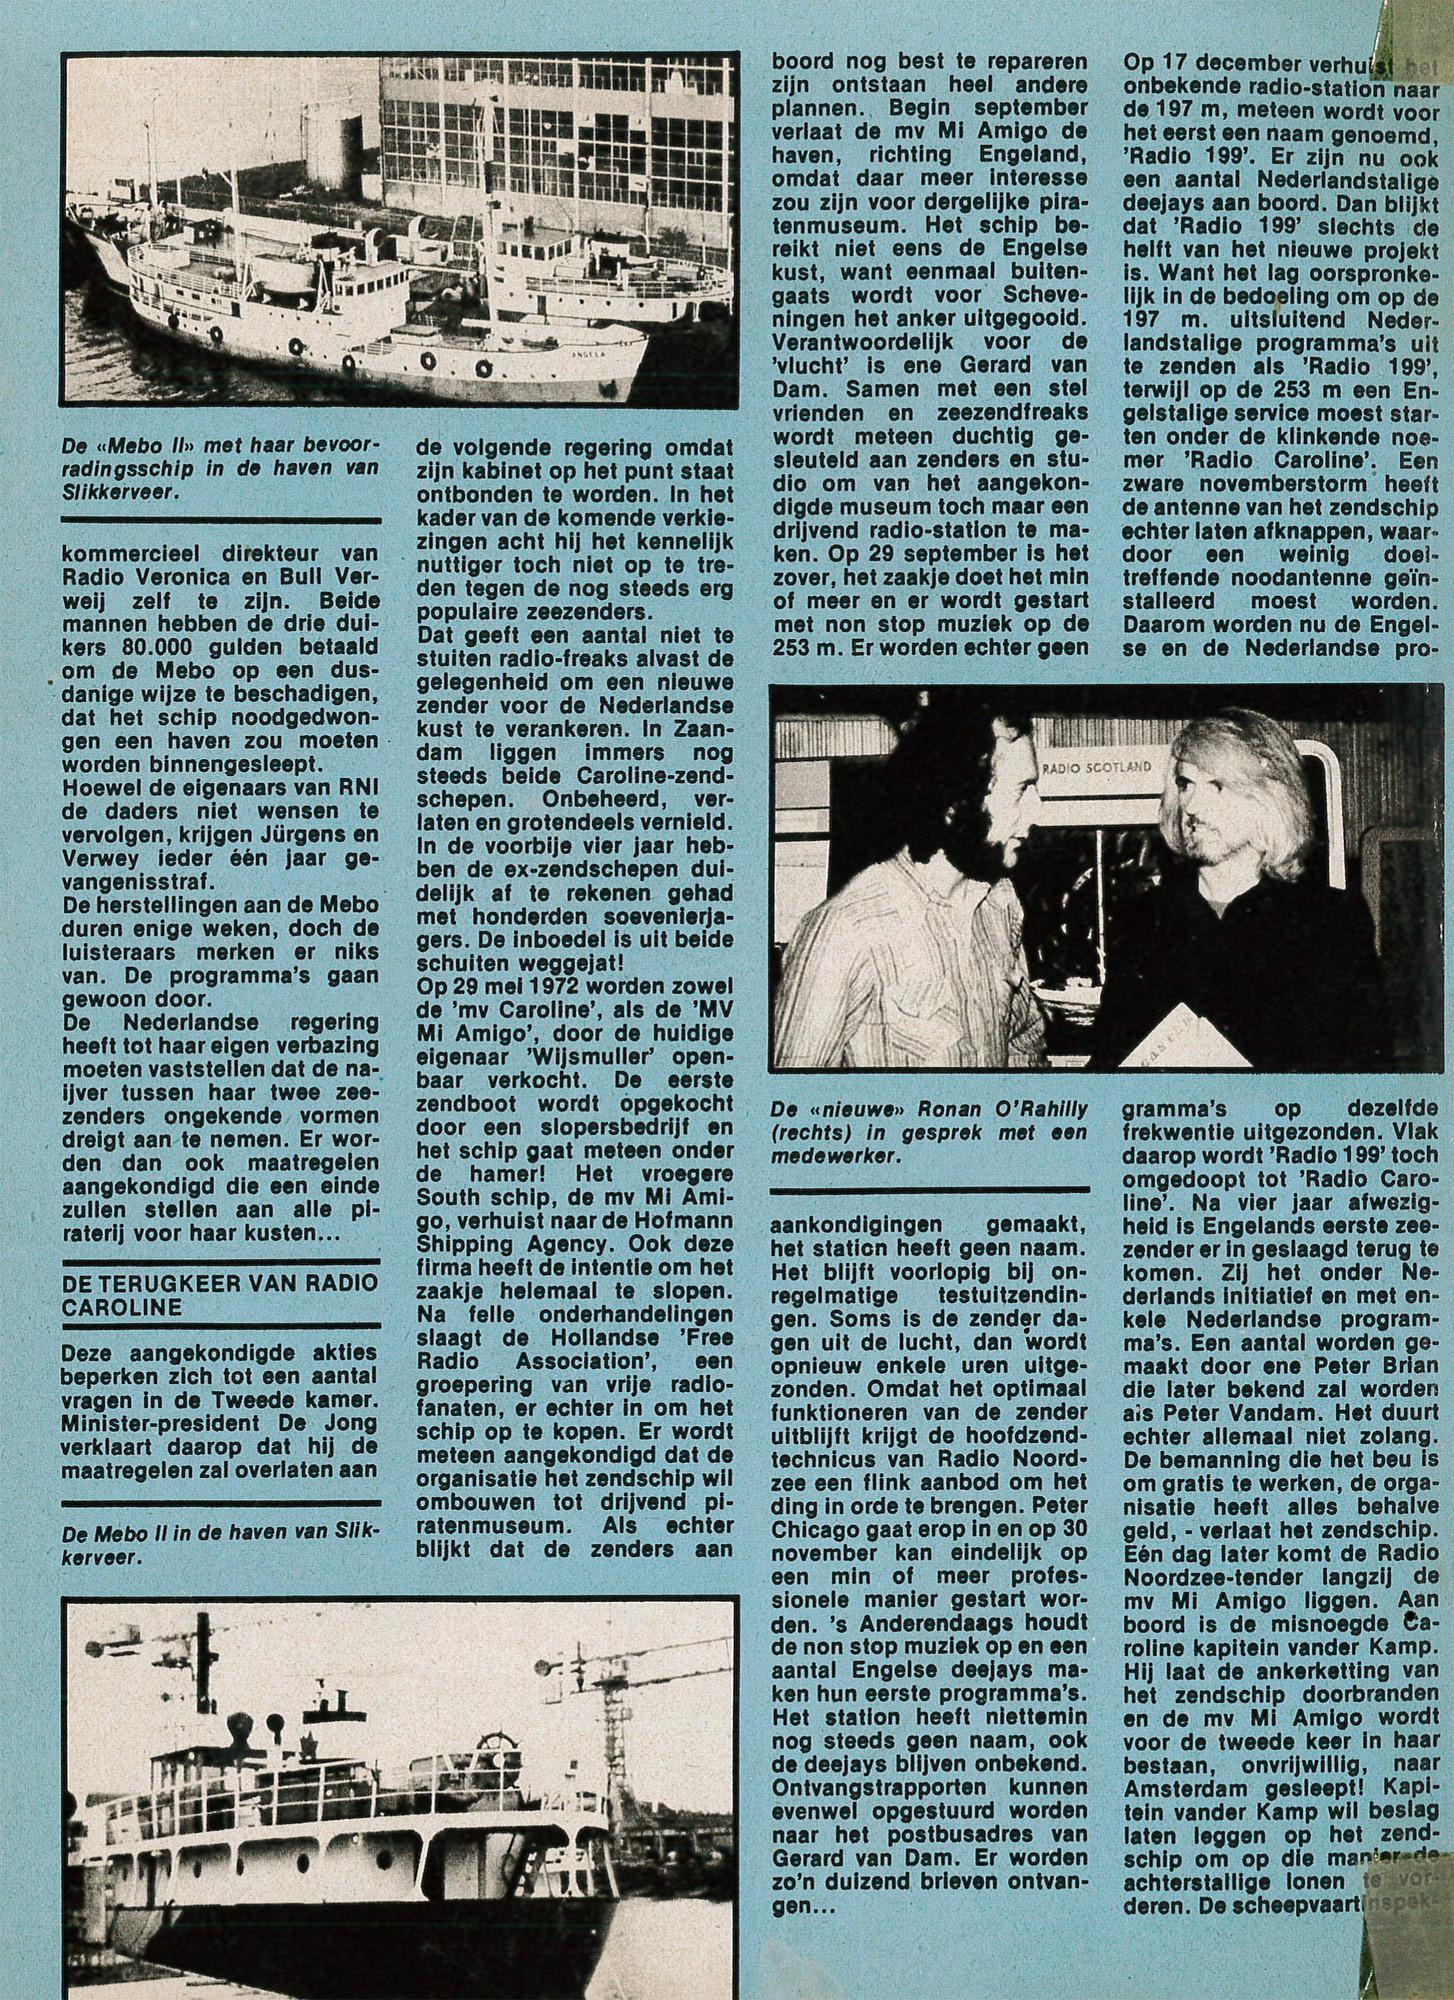 19781210 Joepie Bom jaagt overheid in het harnas 02.jpg